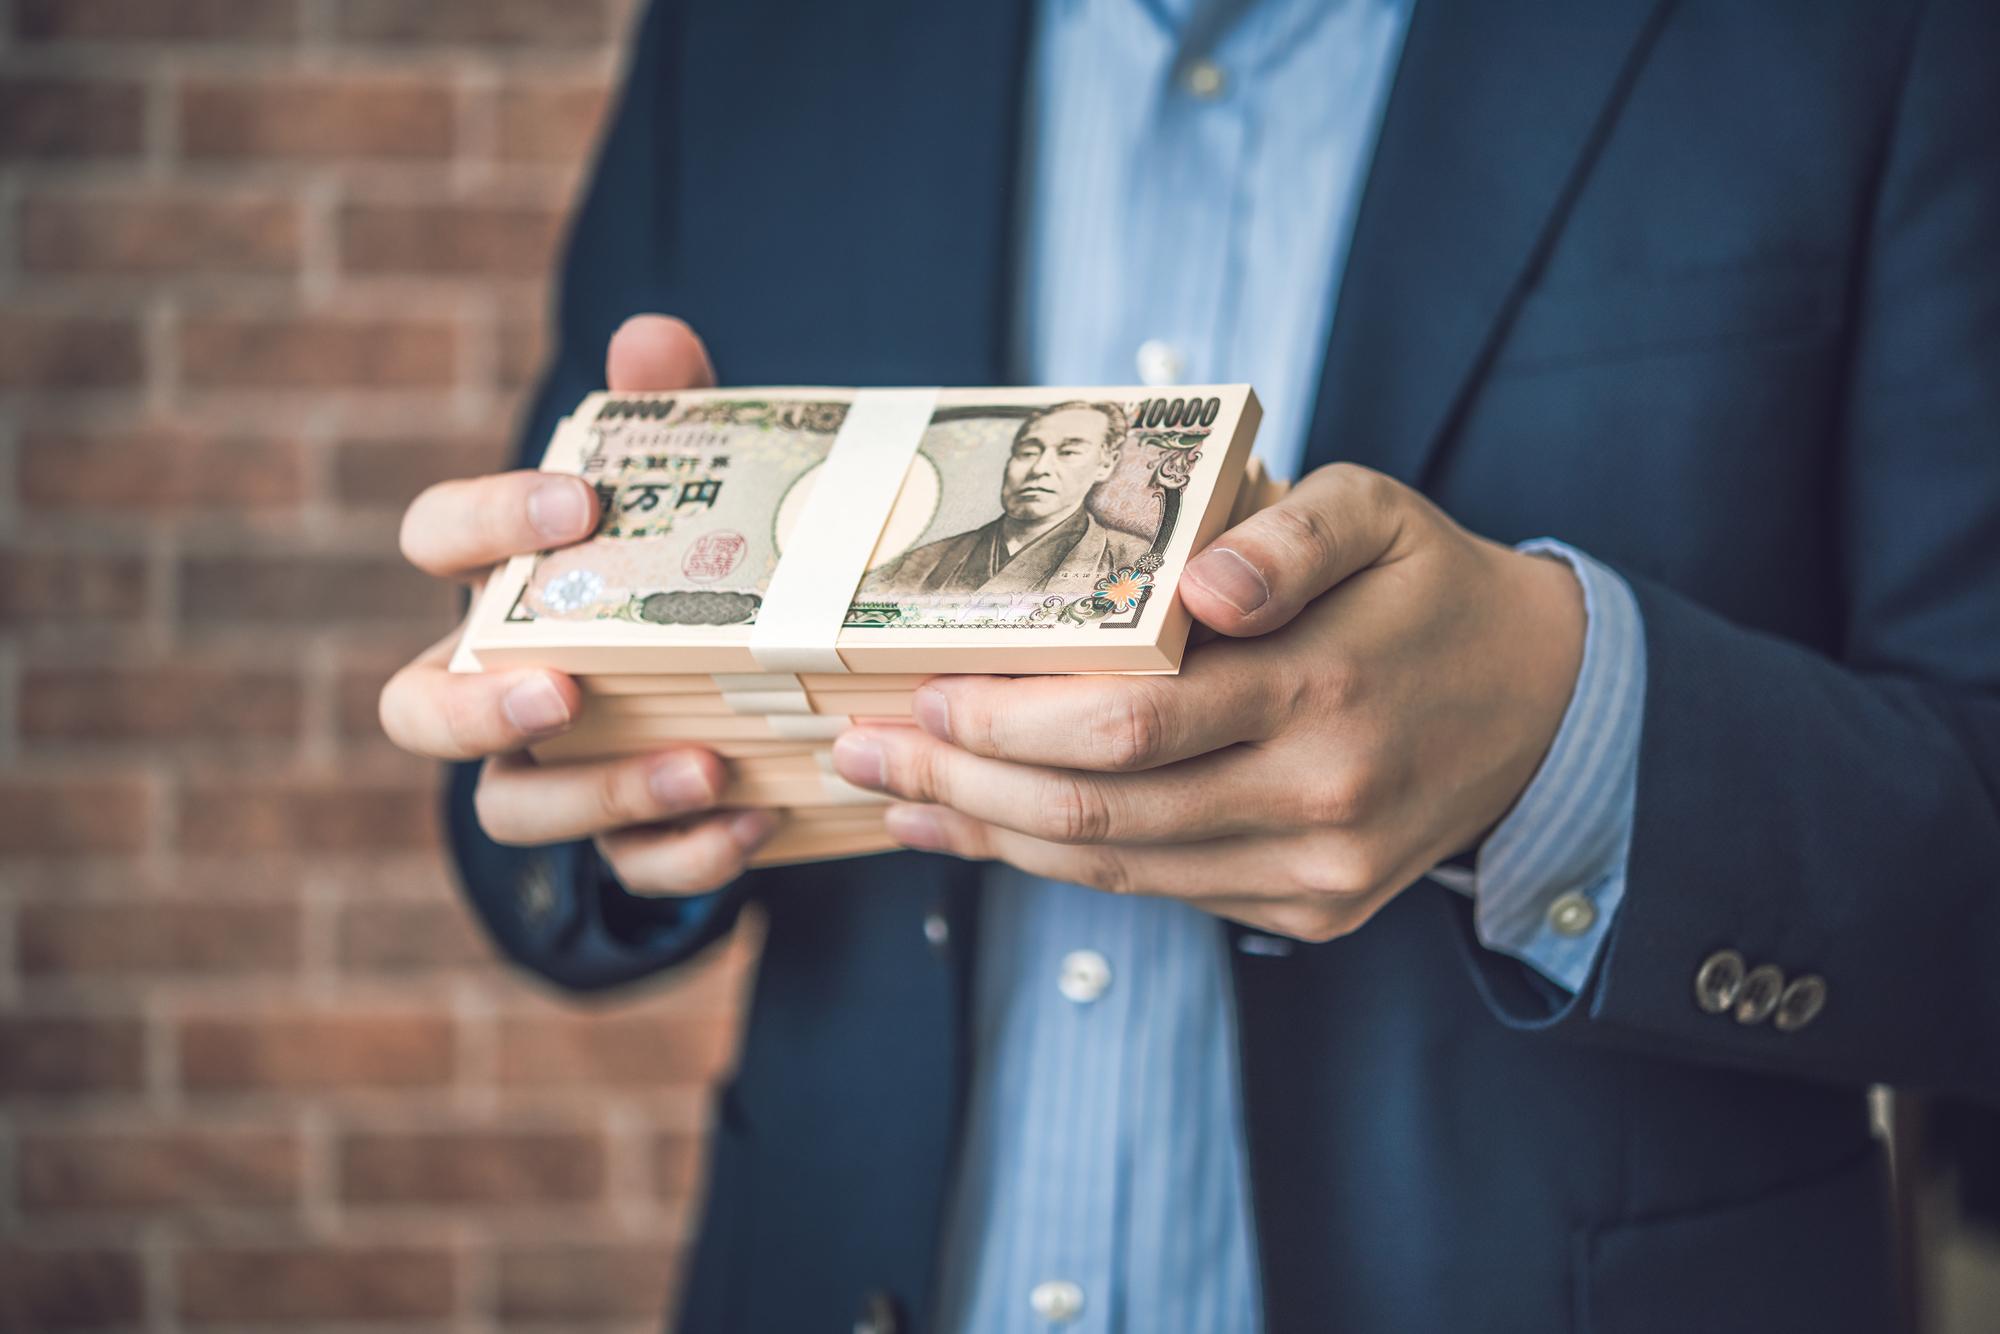 ビジネスローンの審査難易度, 事業融資審査, ビジネスローン審査